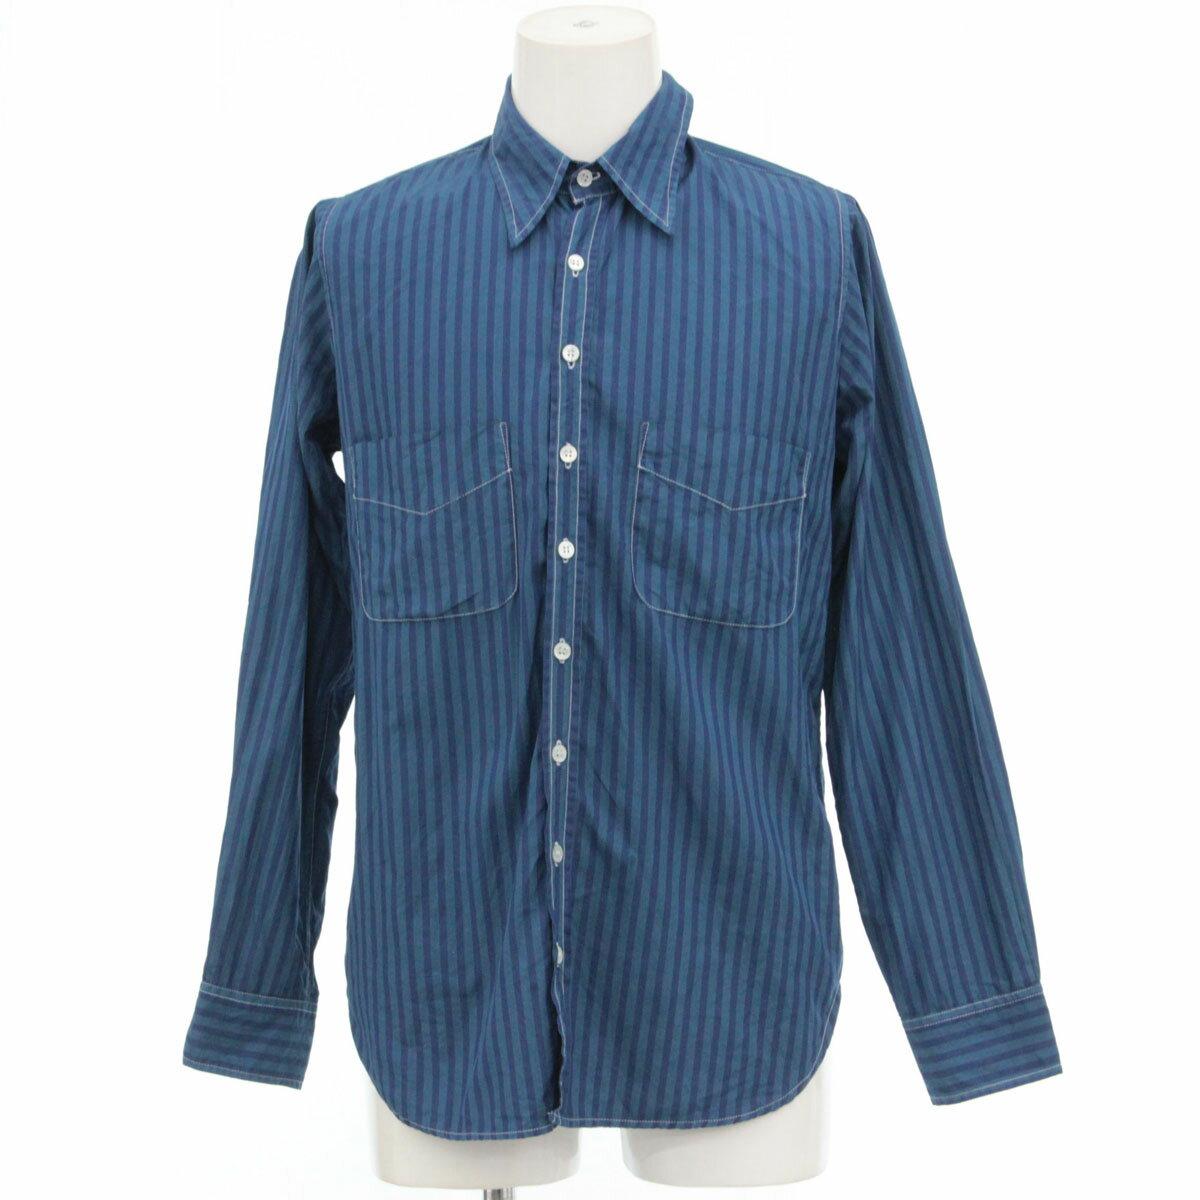 トップス, カジュアルシャツ Paul Harnden S blue